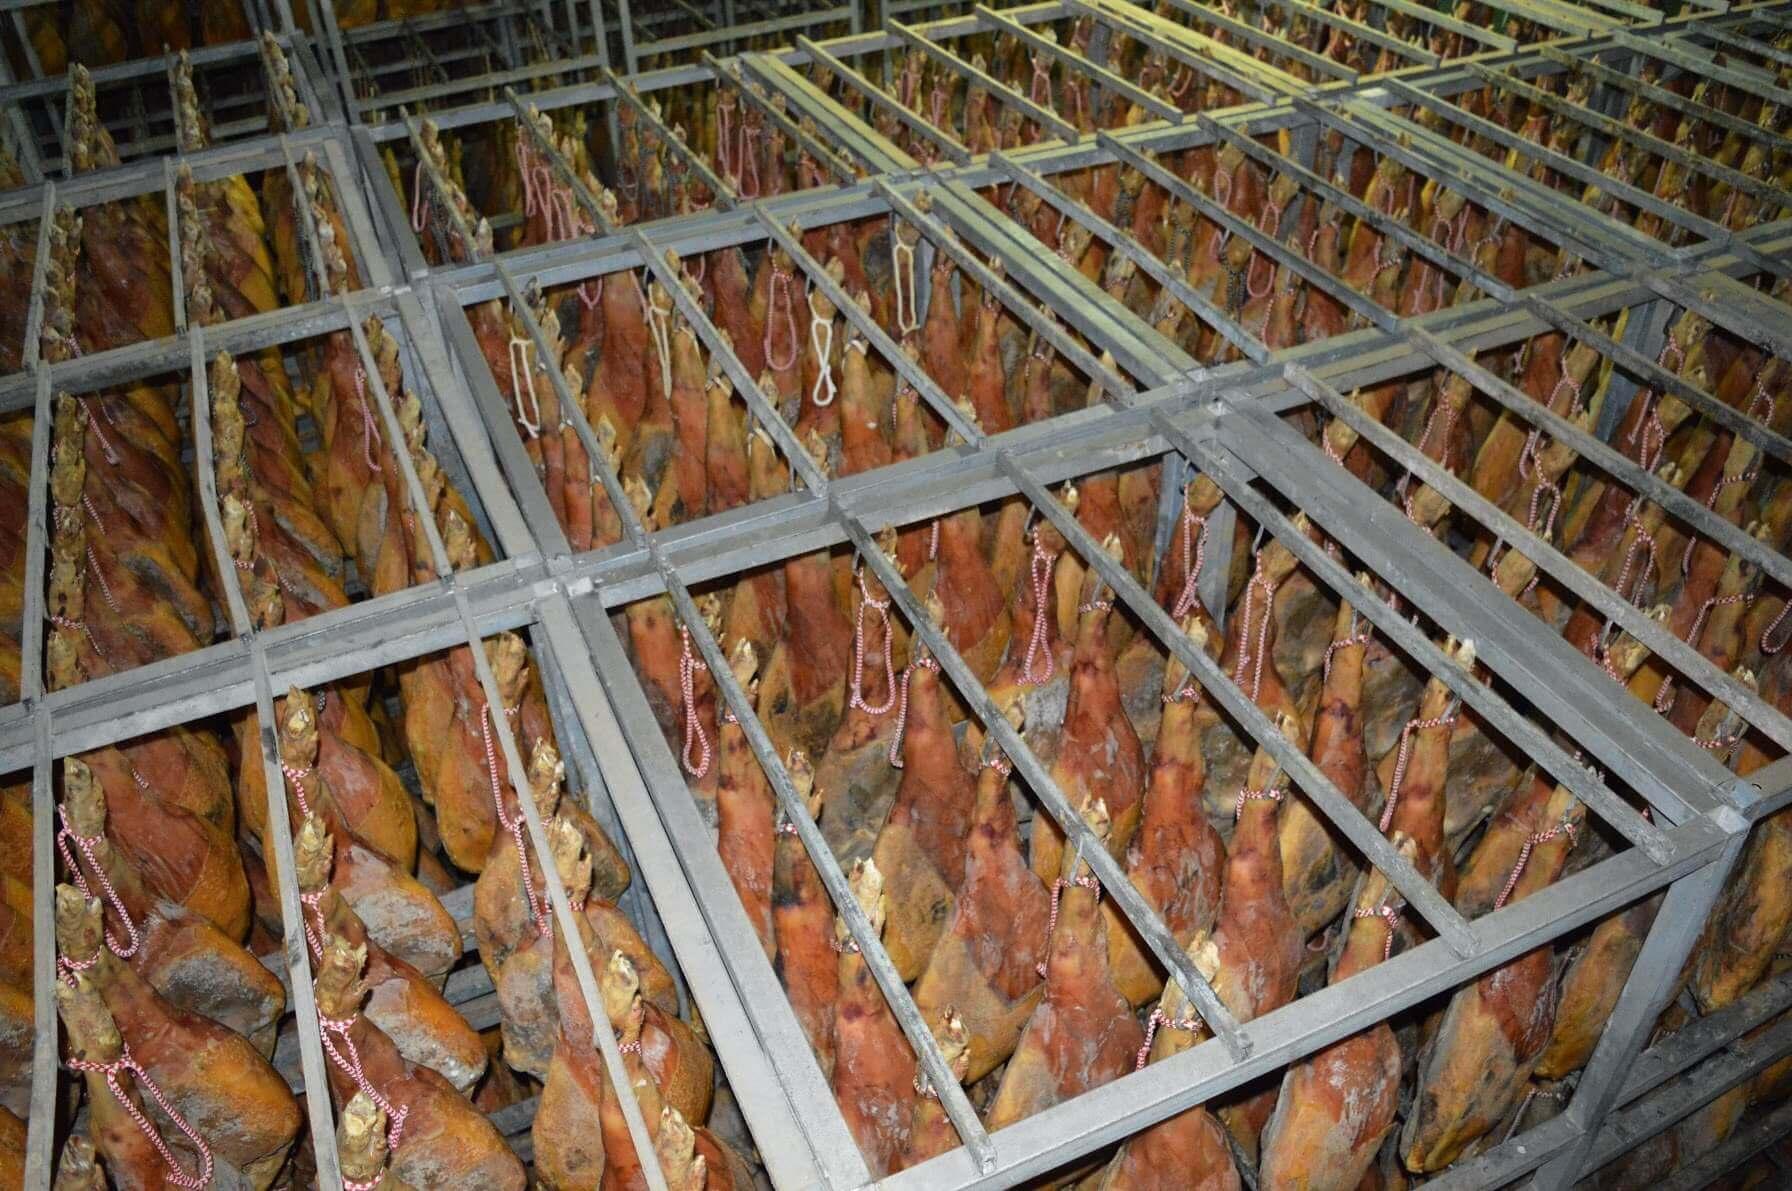 Secadero natural de jamón curado, situado en Bullas (Murcia)